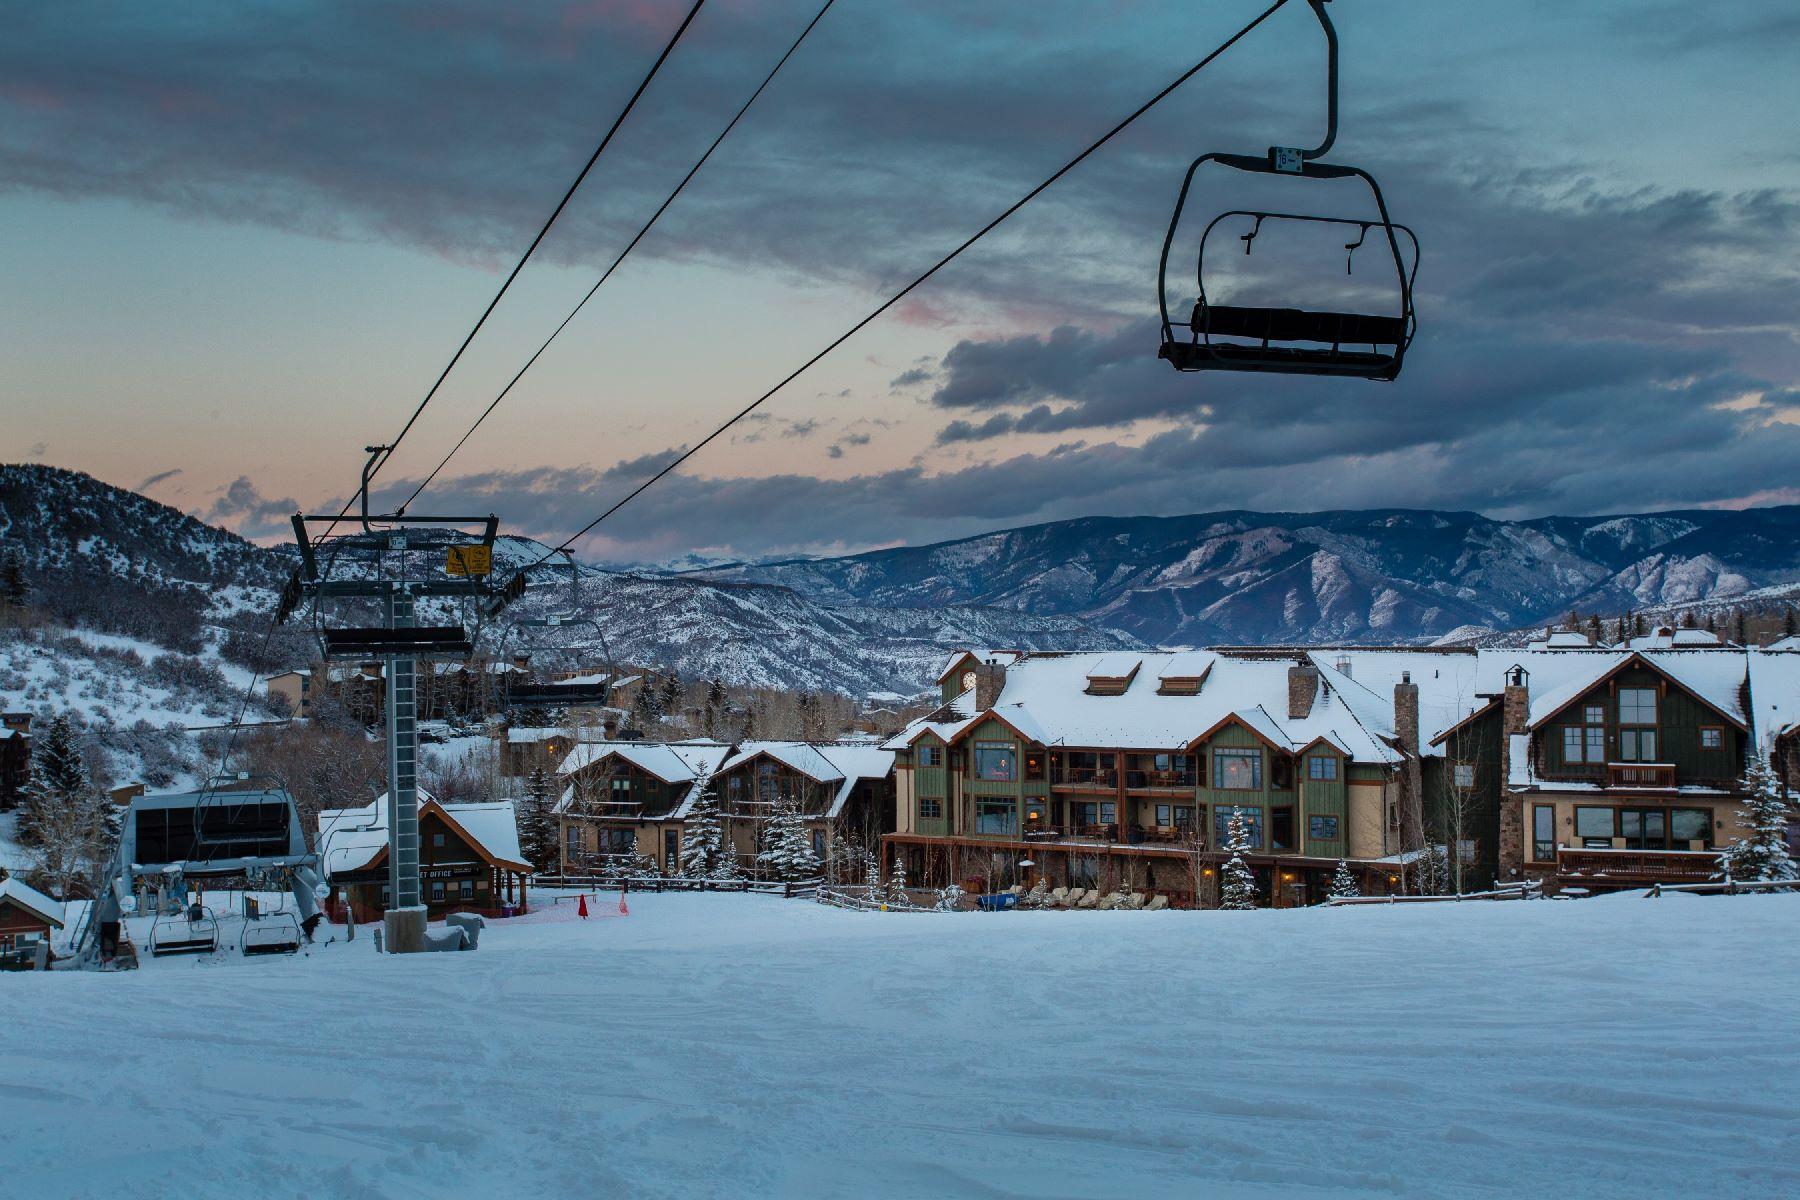 部分所有權 為 出售 在 65 Timbers Club Court 155 Timbers Club Court D3-II Snowmass Village, 科羅拉多州, 81615 美國